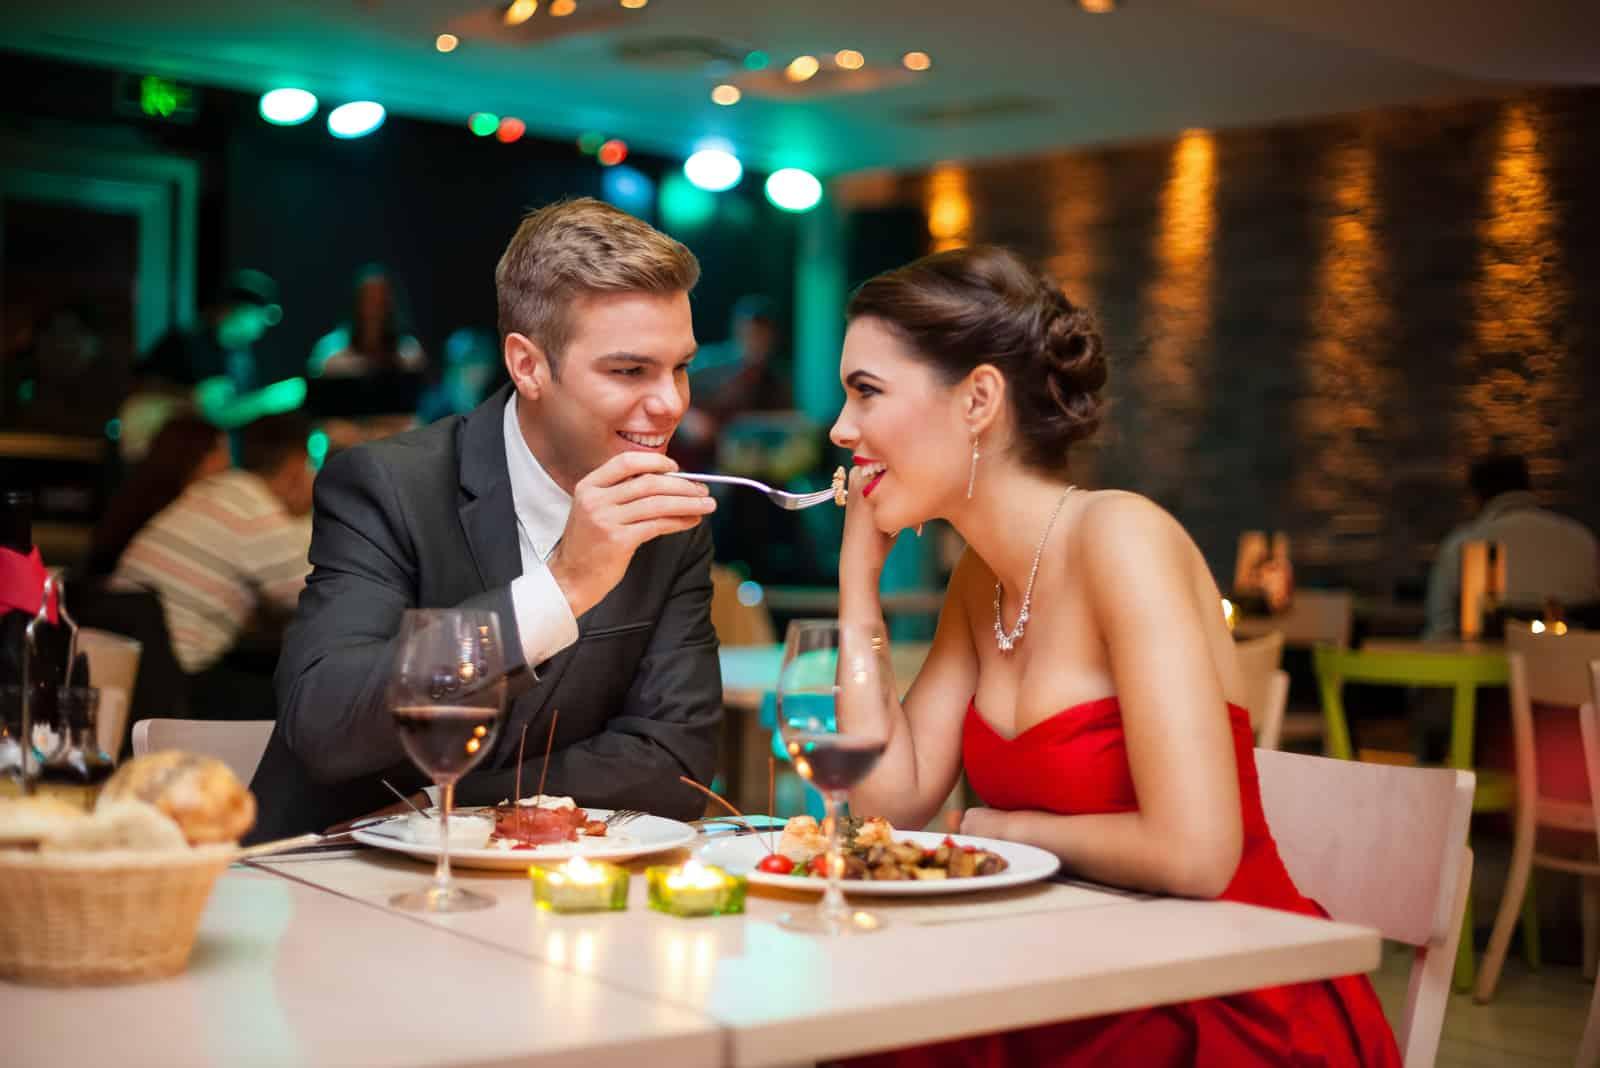 Homme élégant nourrissant une femme dans un restaurant